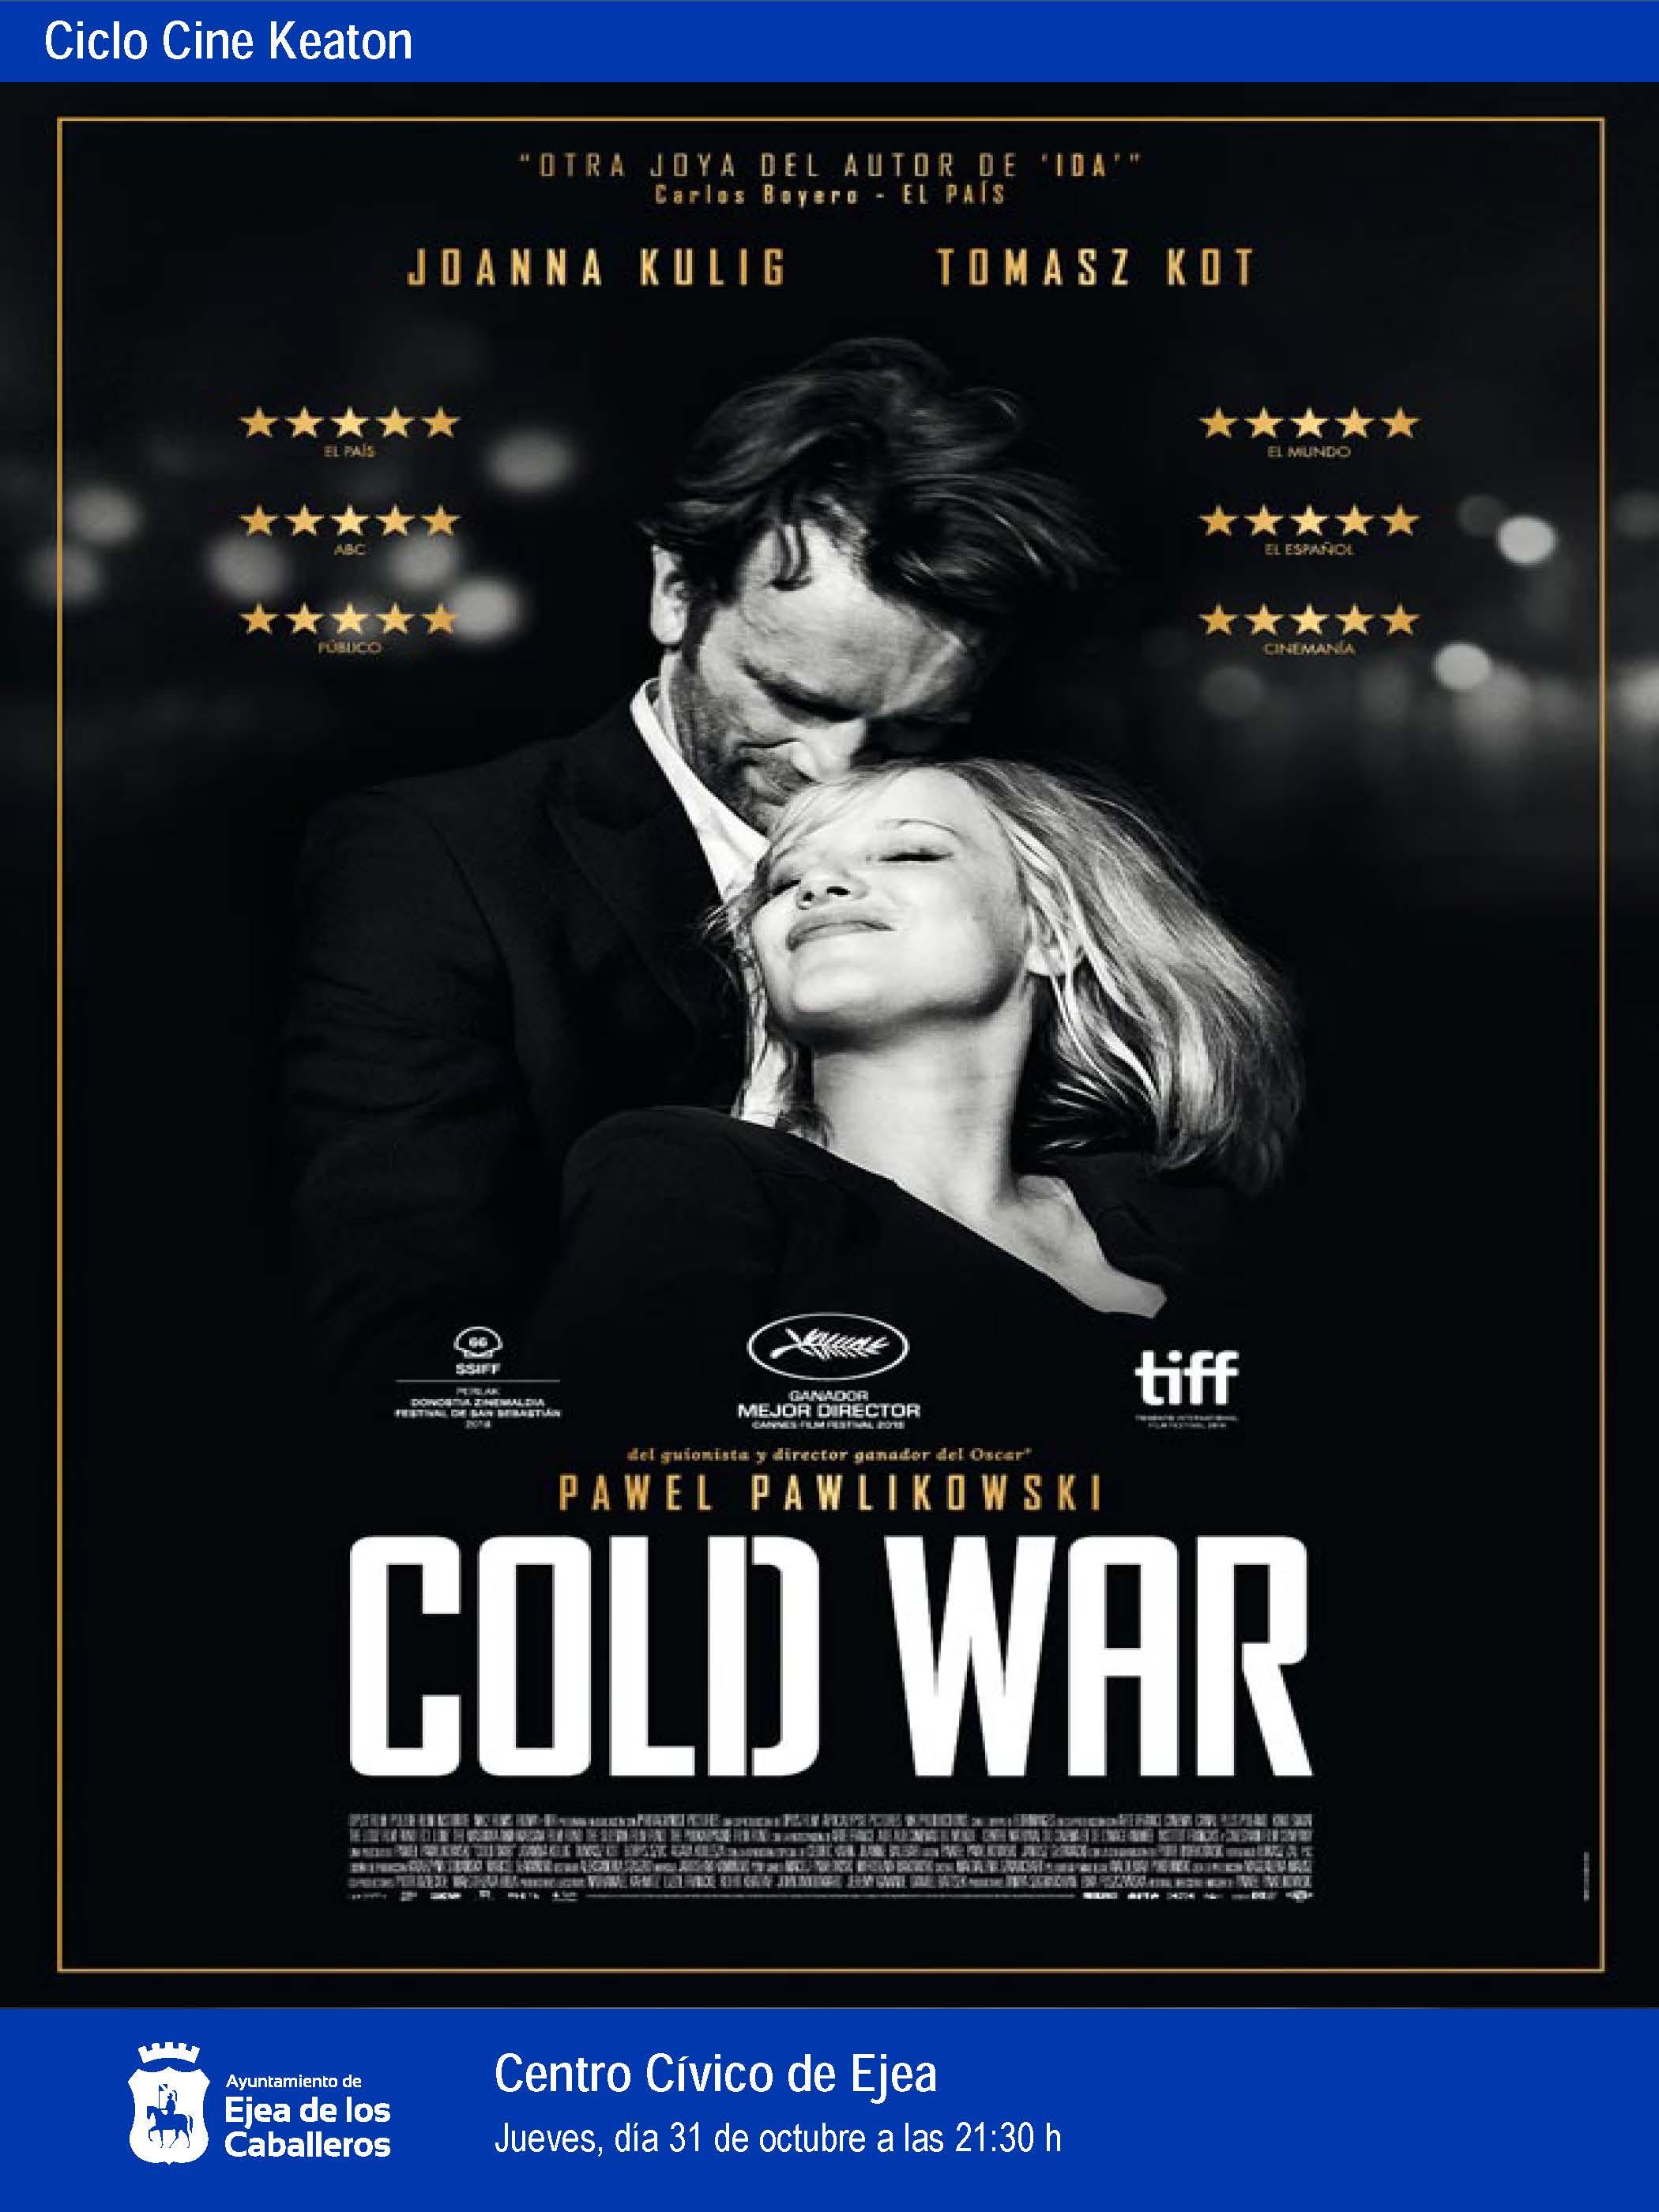 """Ciclo Cine Keaton: """"Cold War"""", una historia de amor en la Europa de la Guerra Fría"""